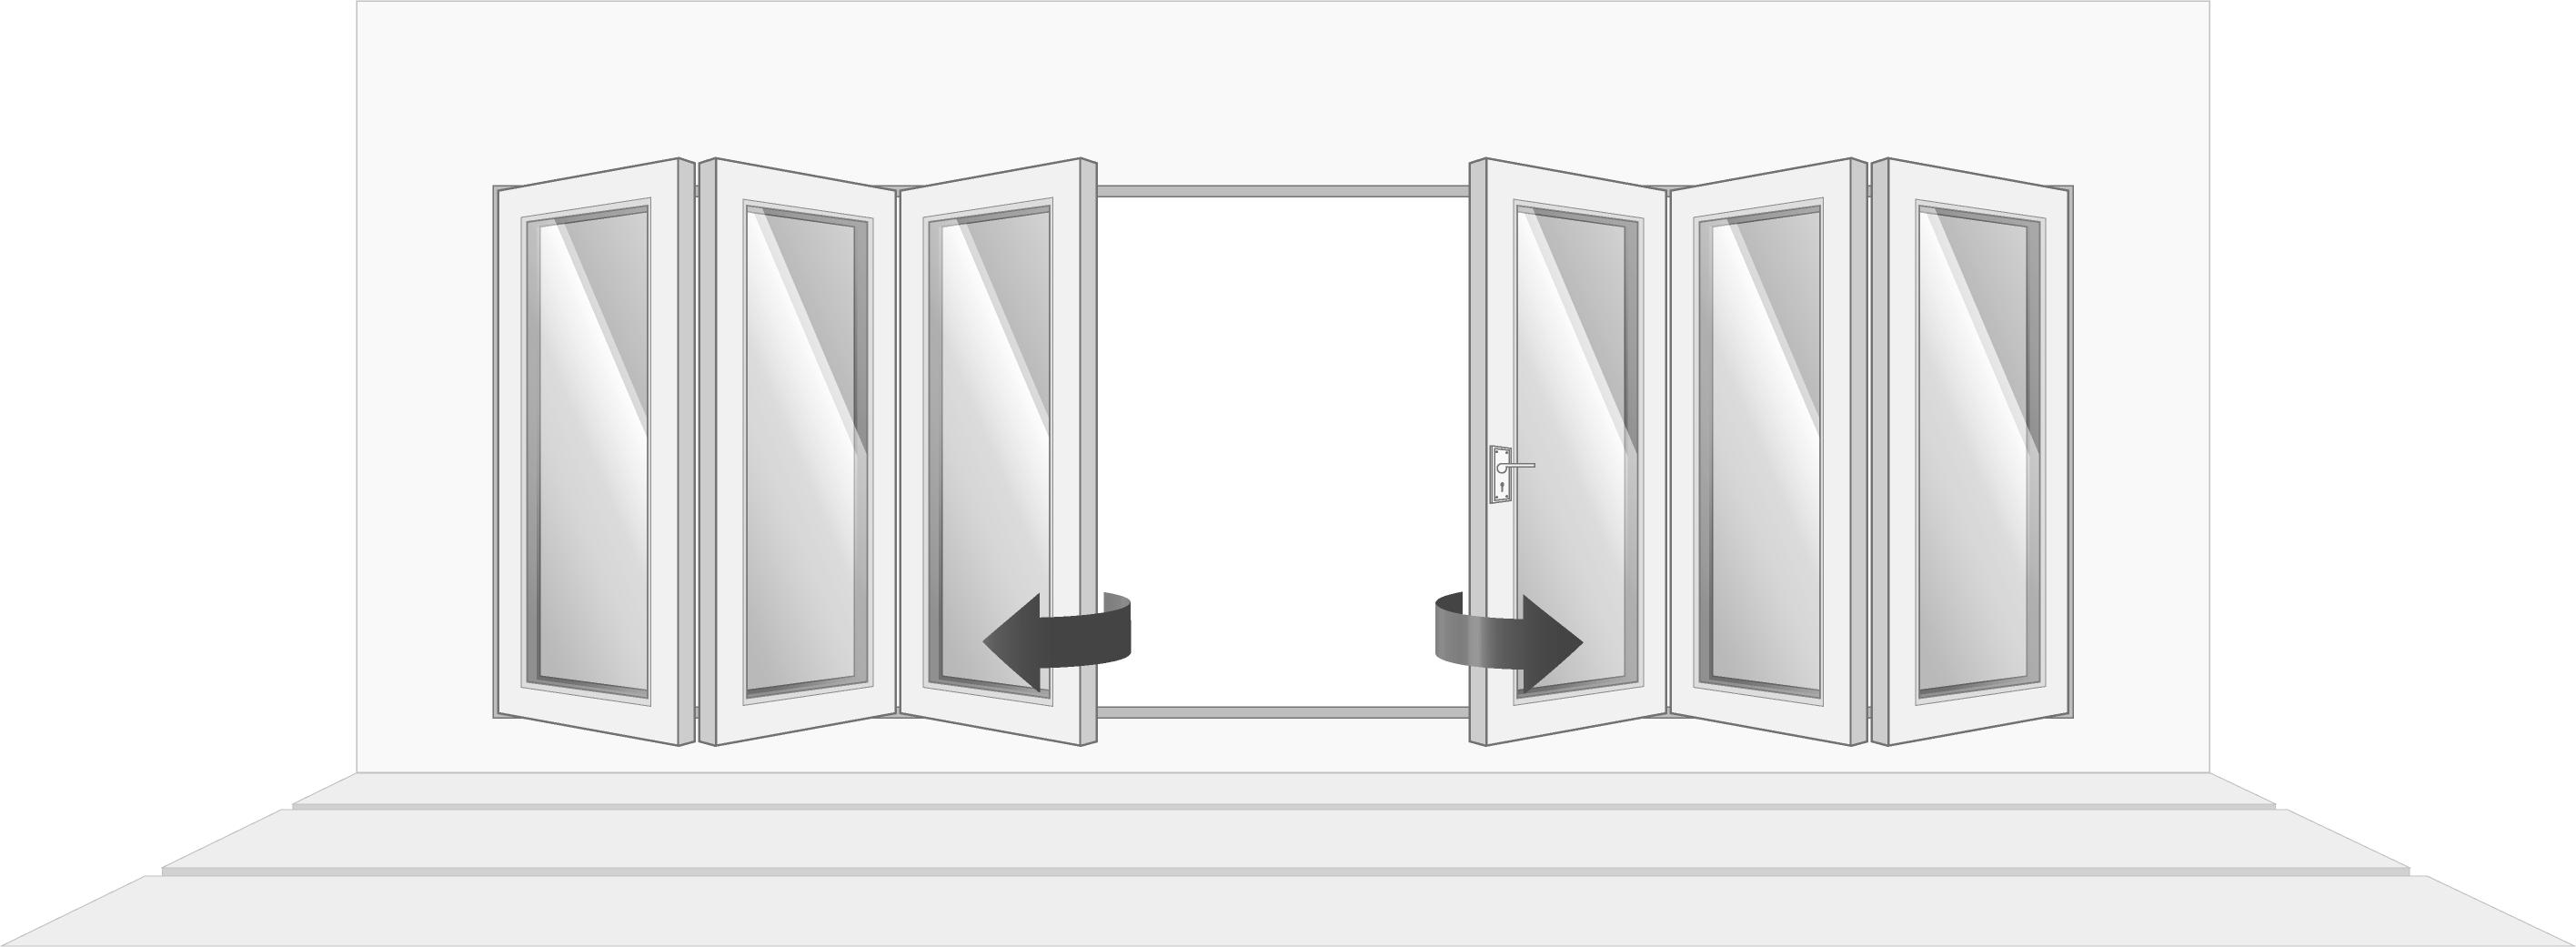 6-door, fully open